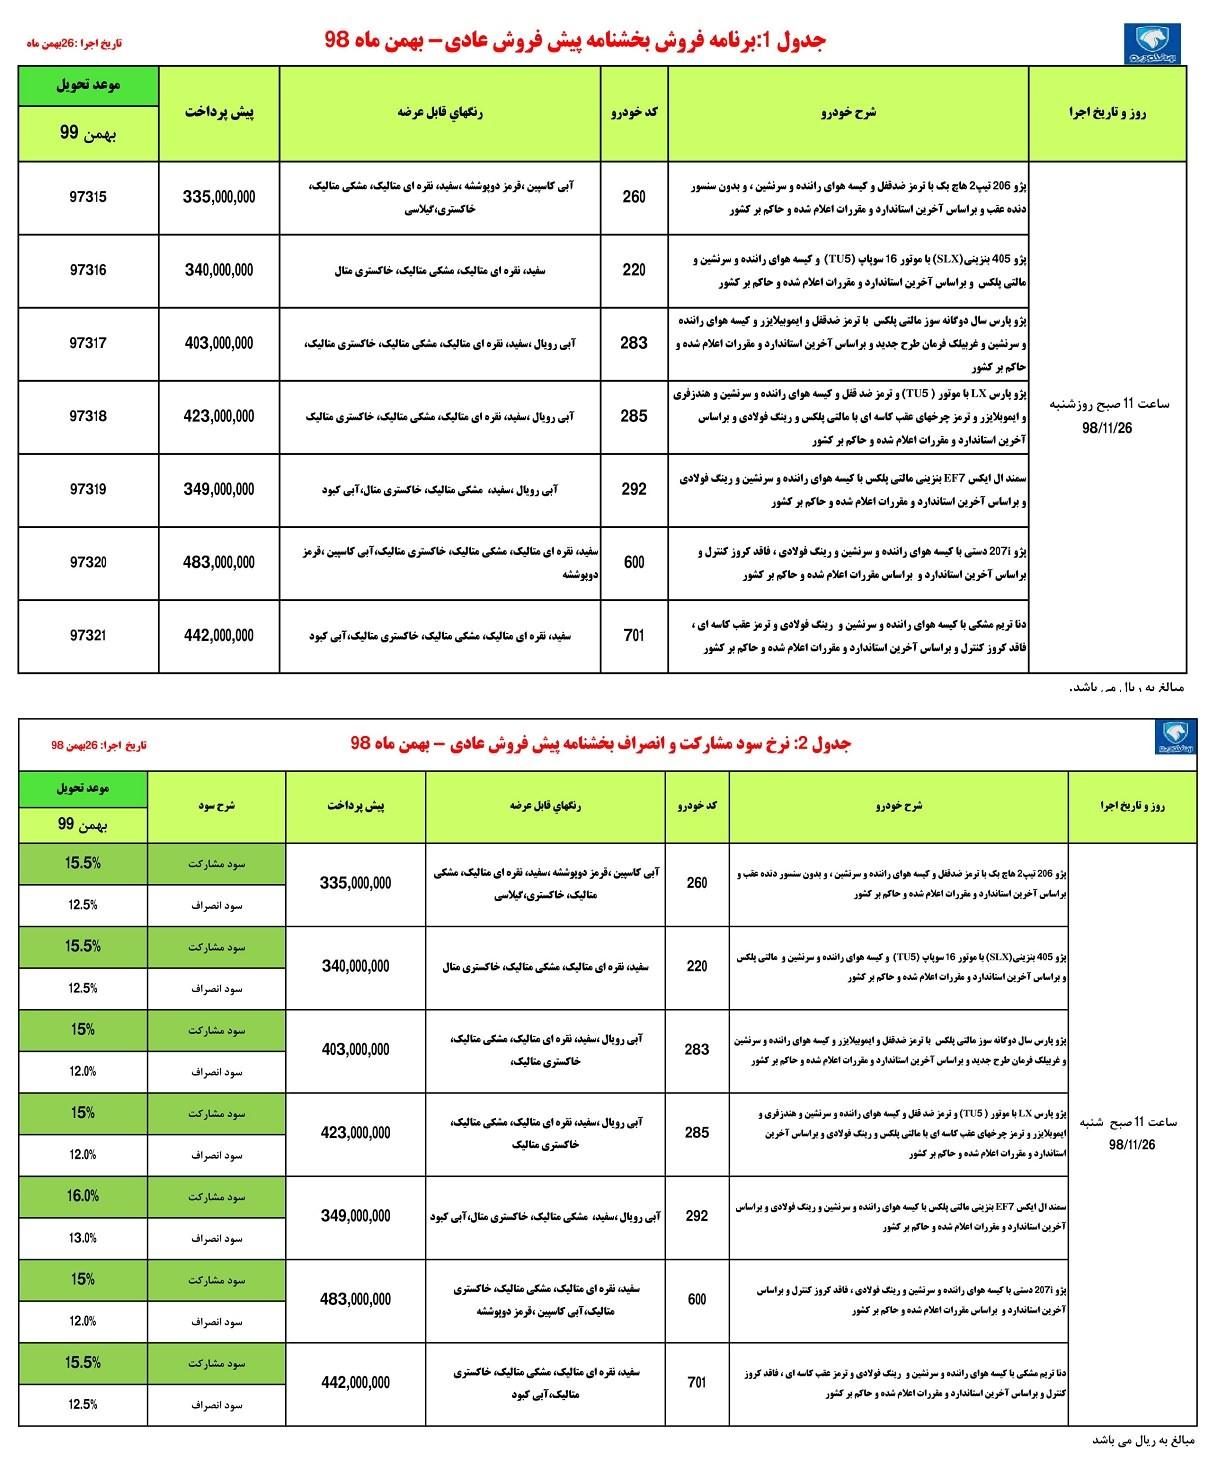 طرح جدید پیشفروش محصولات ایران خودرو در ۲۶ بهمن ۹۸ +جدول